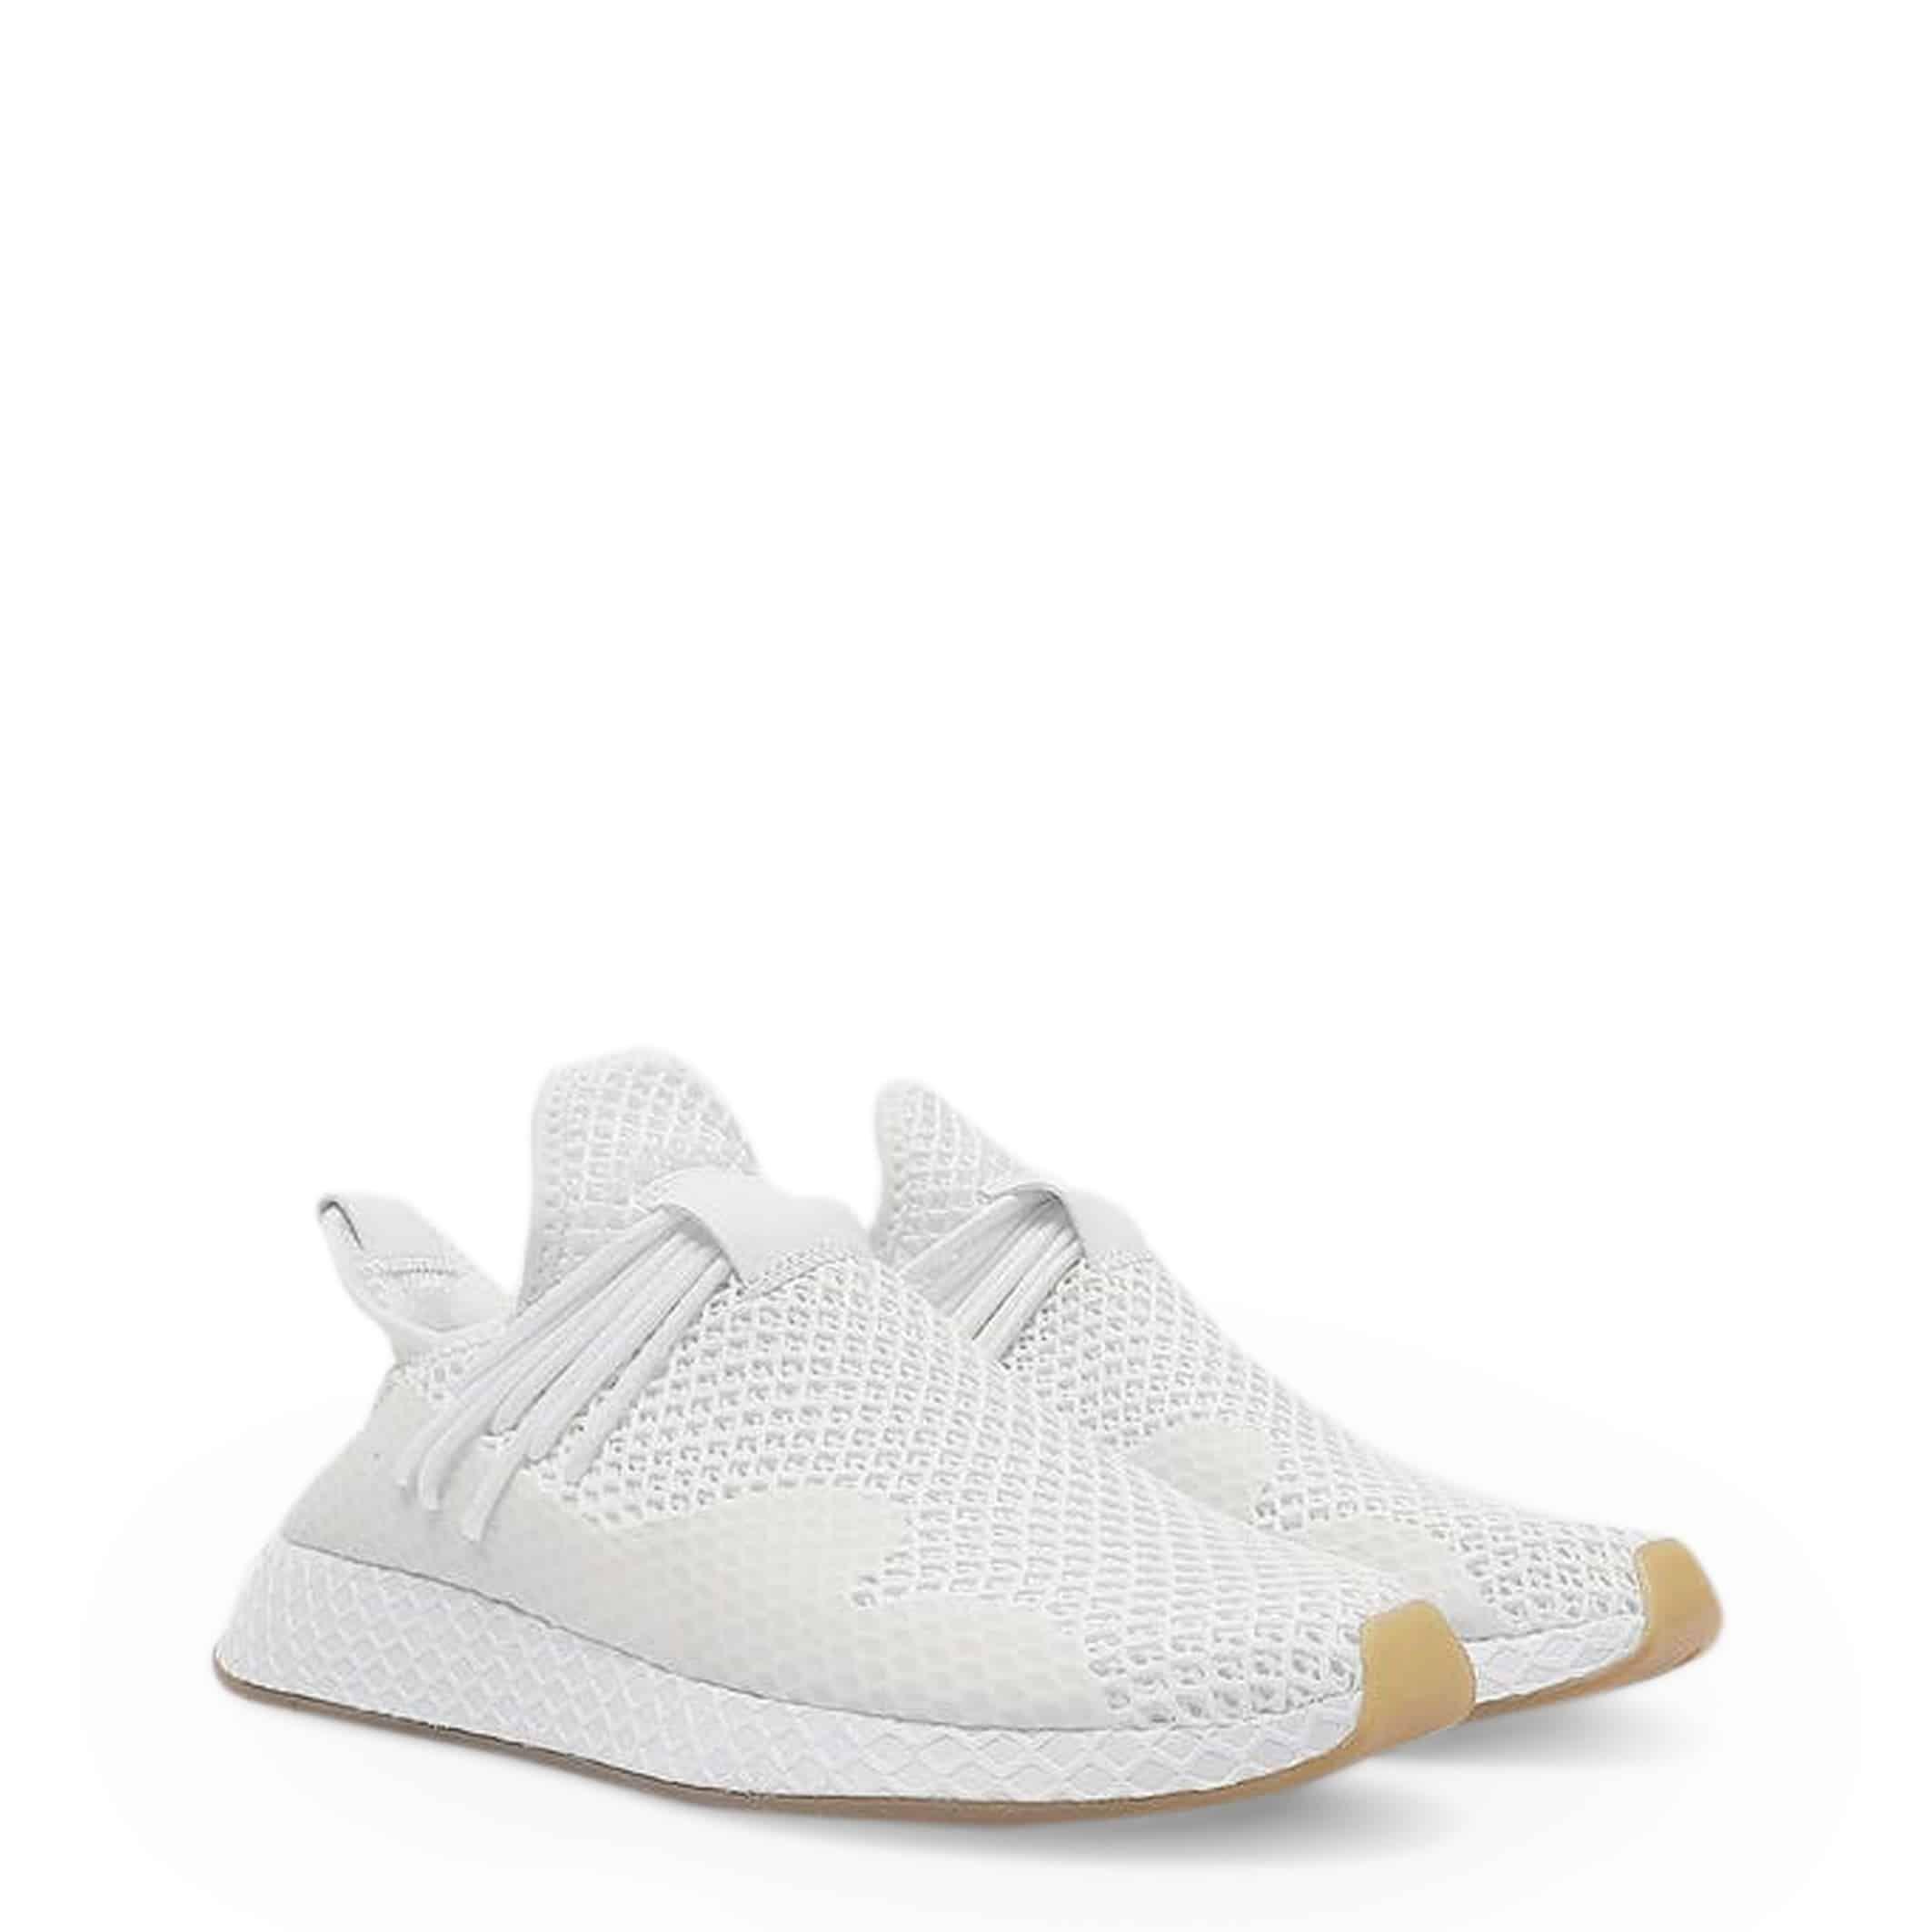 Adidas – Deerupt-S – Bianco